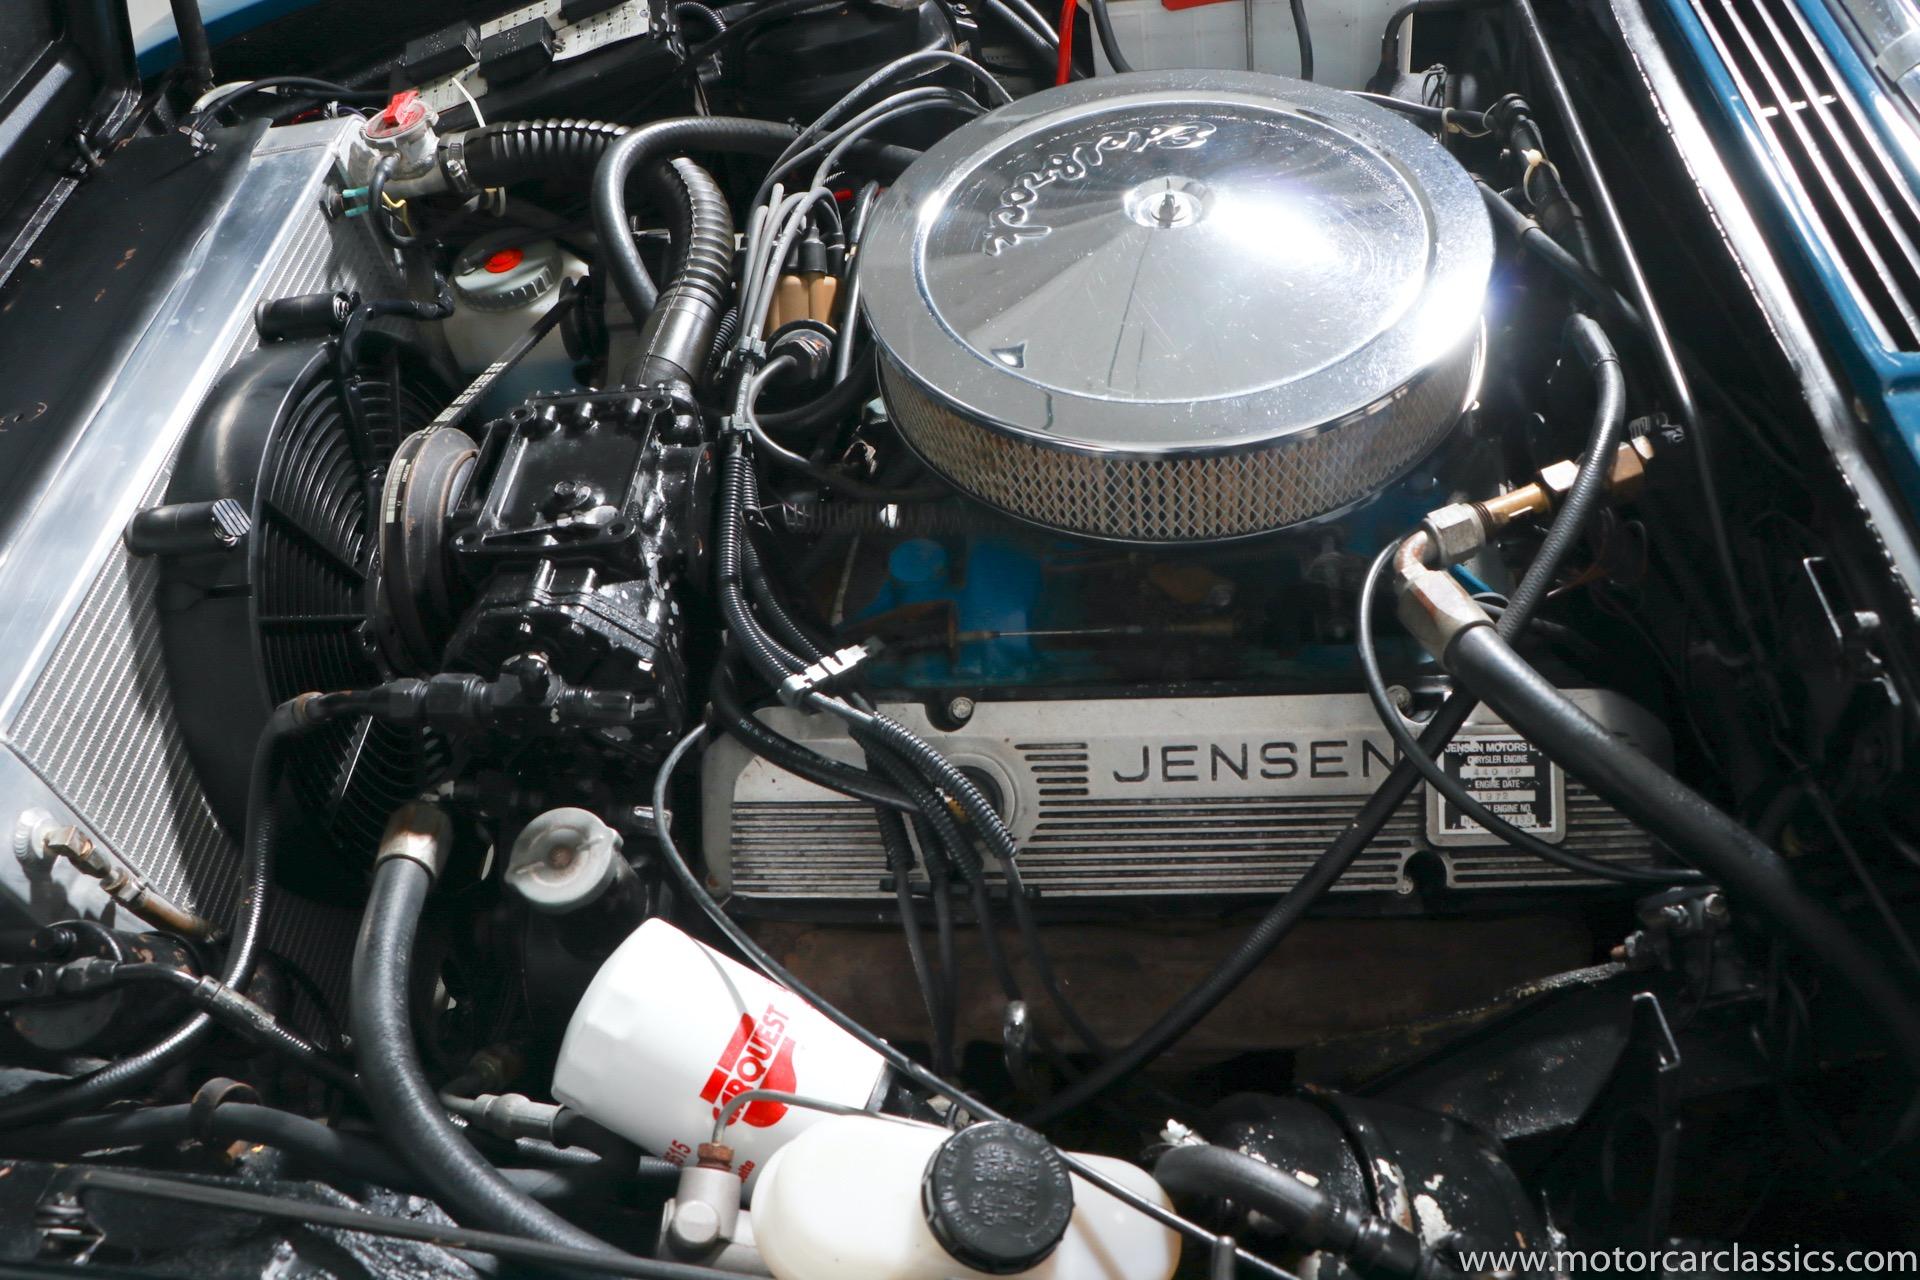 1972 Jensen Interceptor III